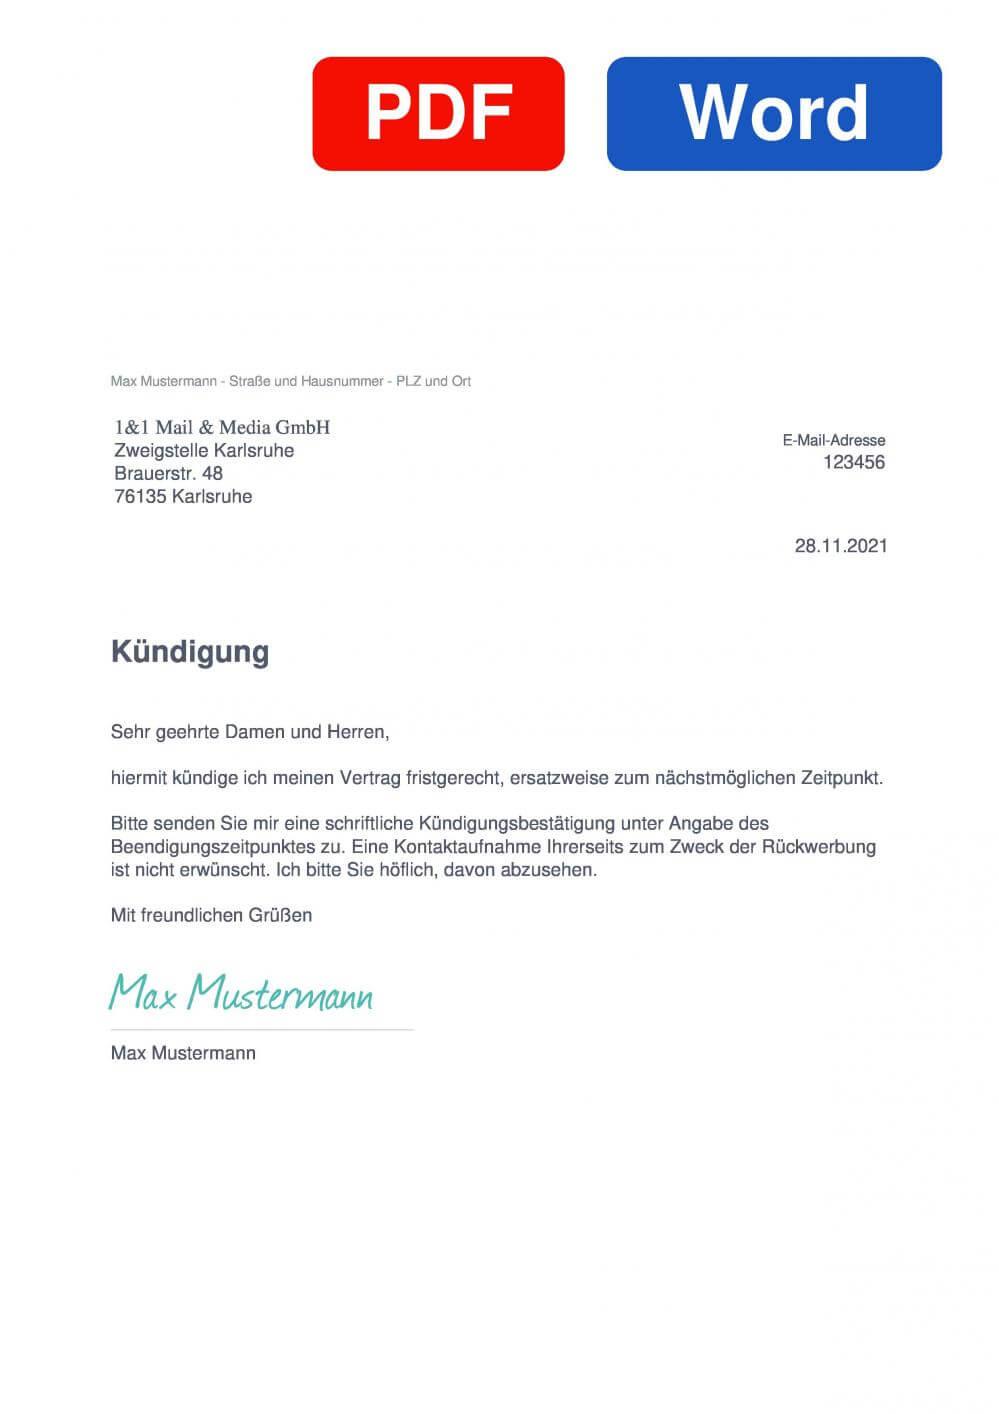 WEB.DE Zattoo Muster Vorlage für Kündigungsschreiben